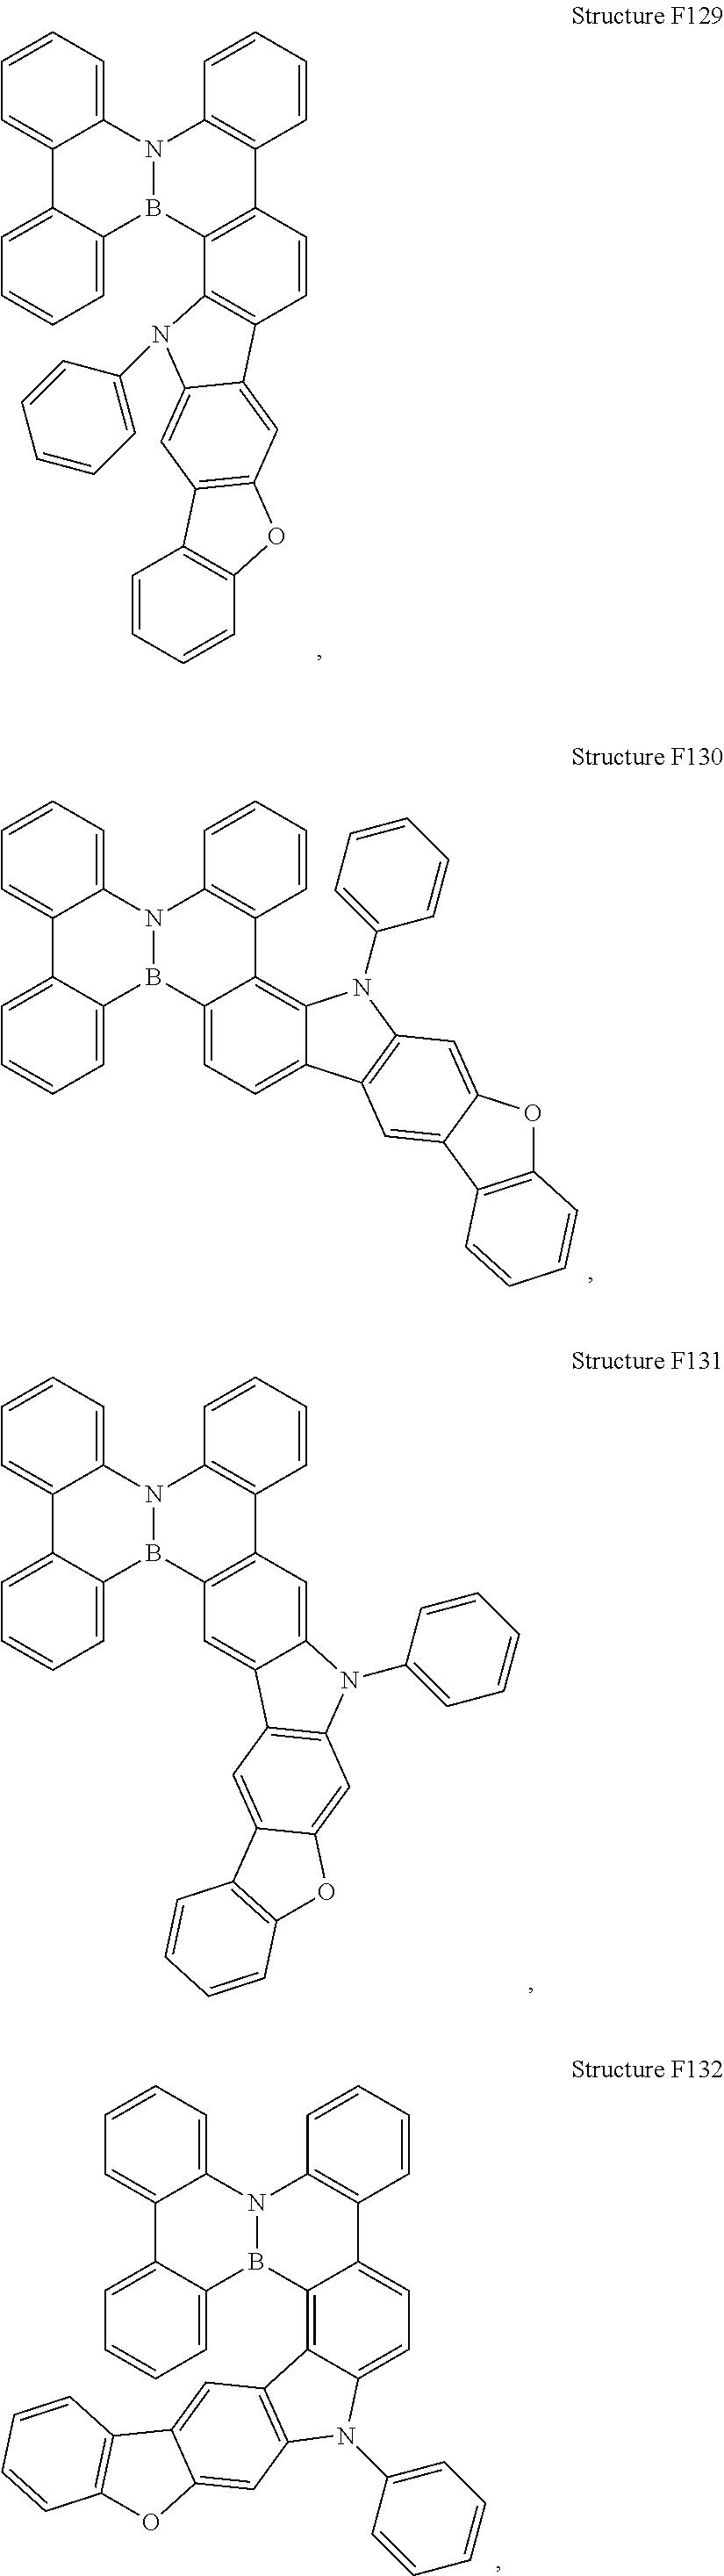 Figure US09871212-20180116-C00070